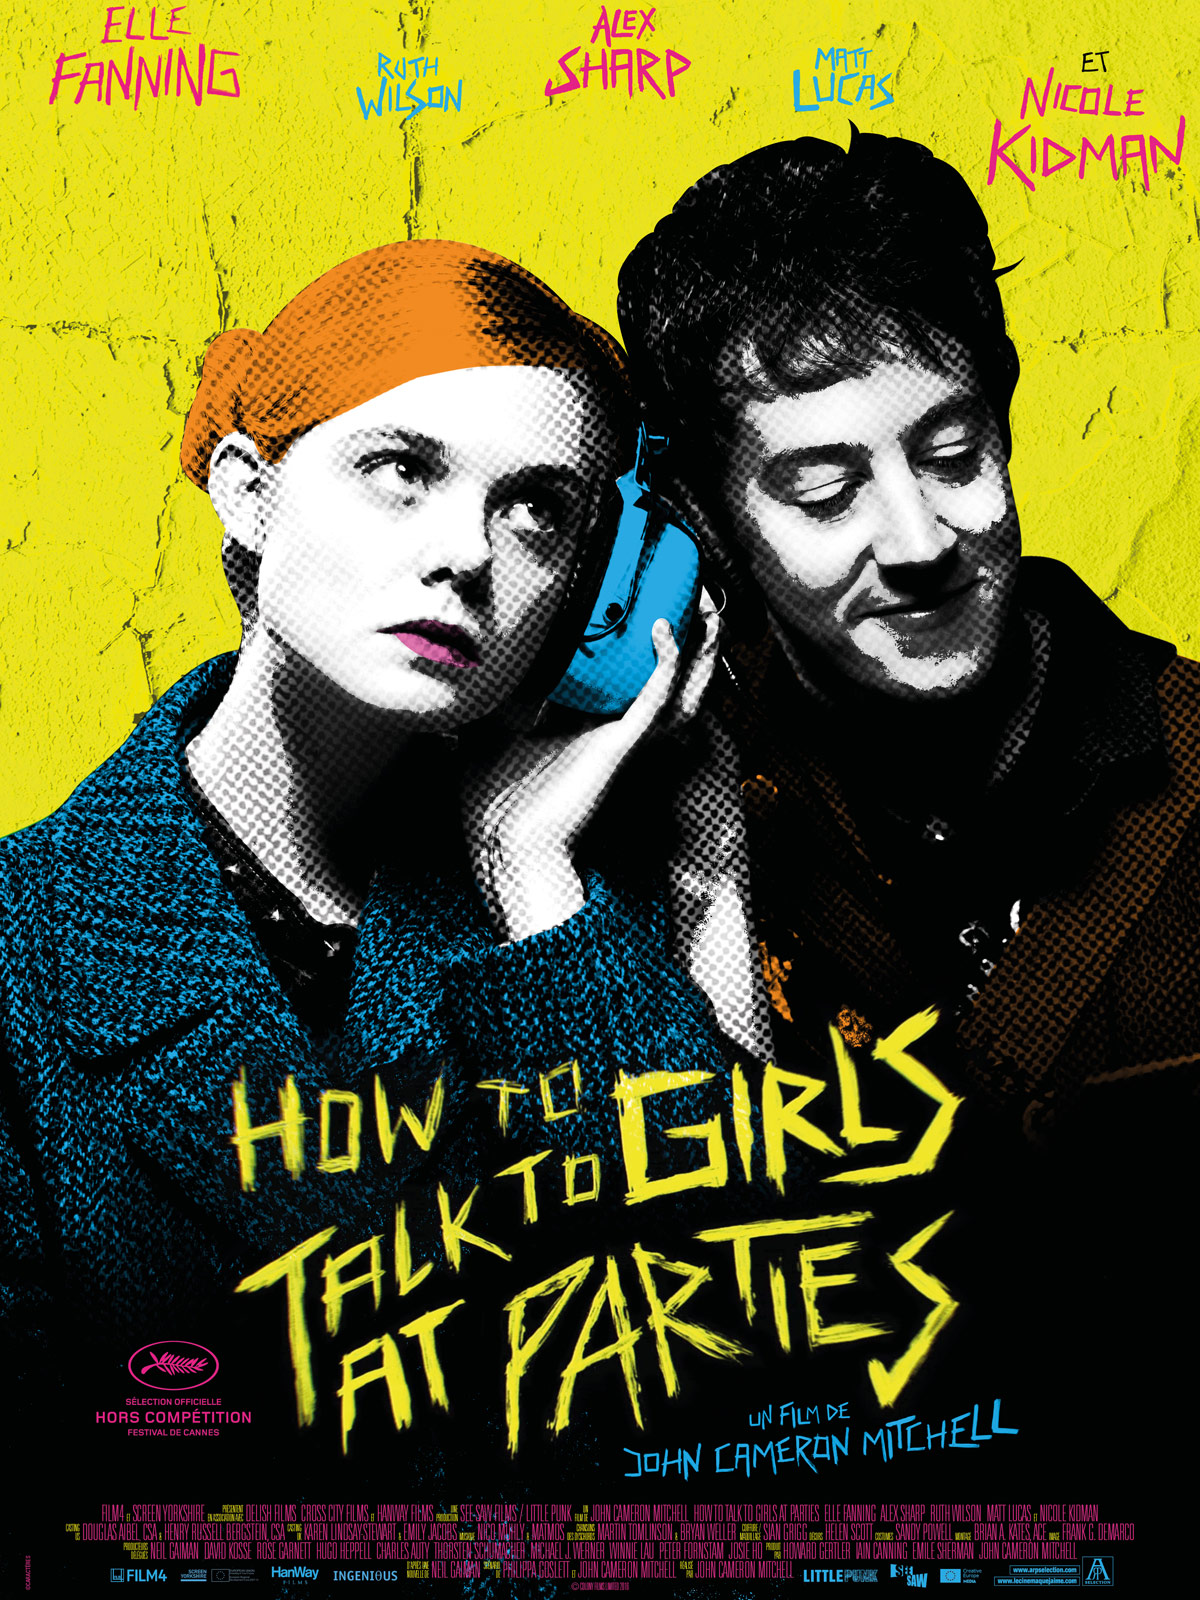 Kako se pogovarjati z dekleti na zabava Teaser Trailer-4840